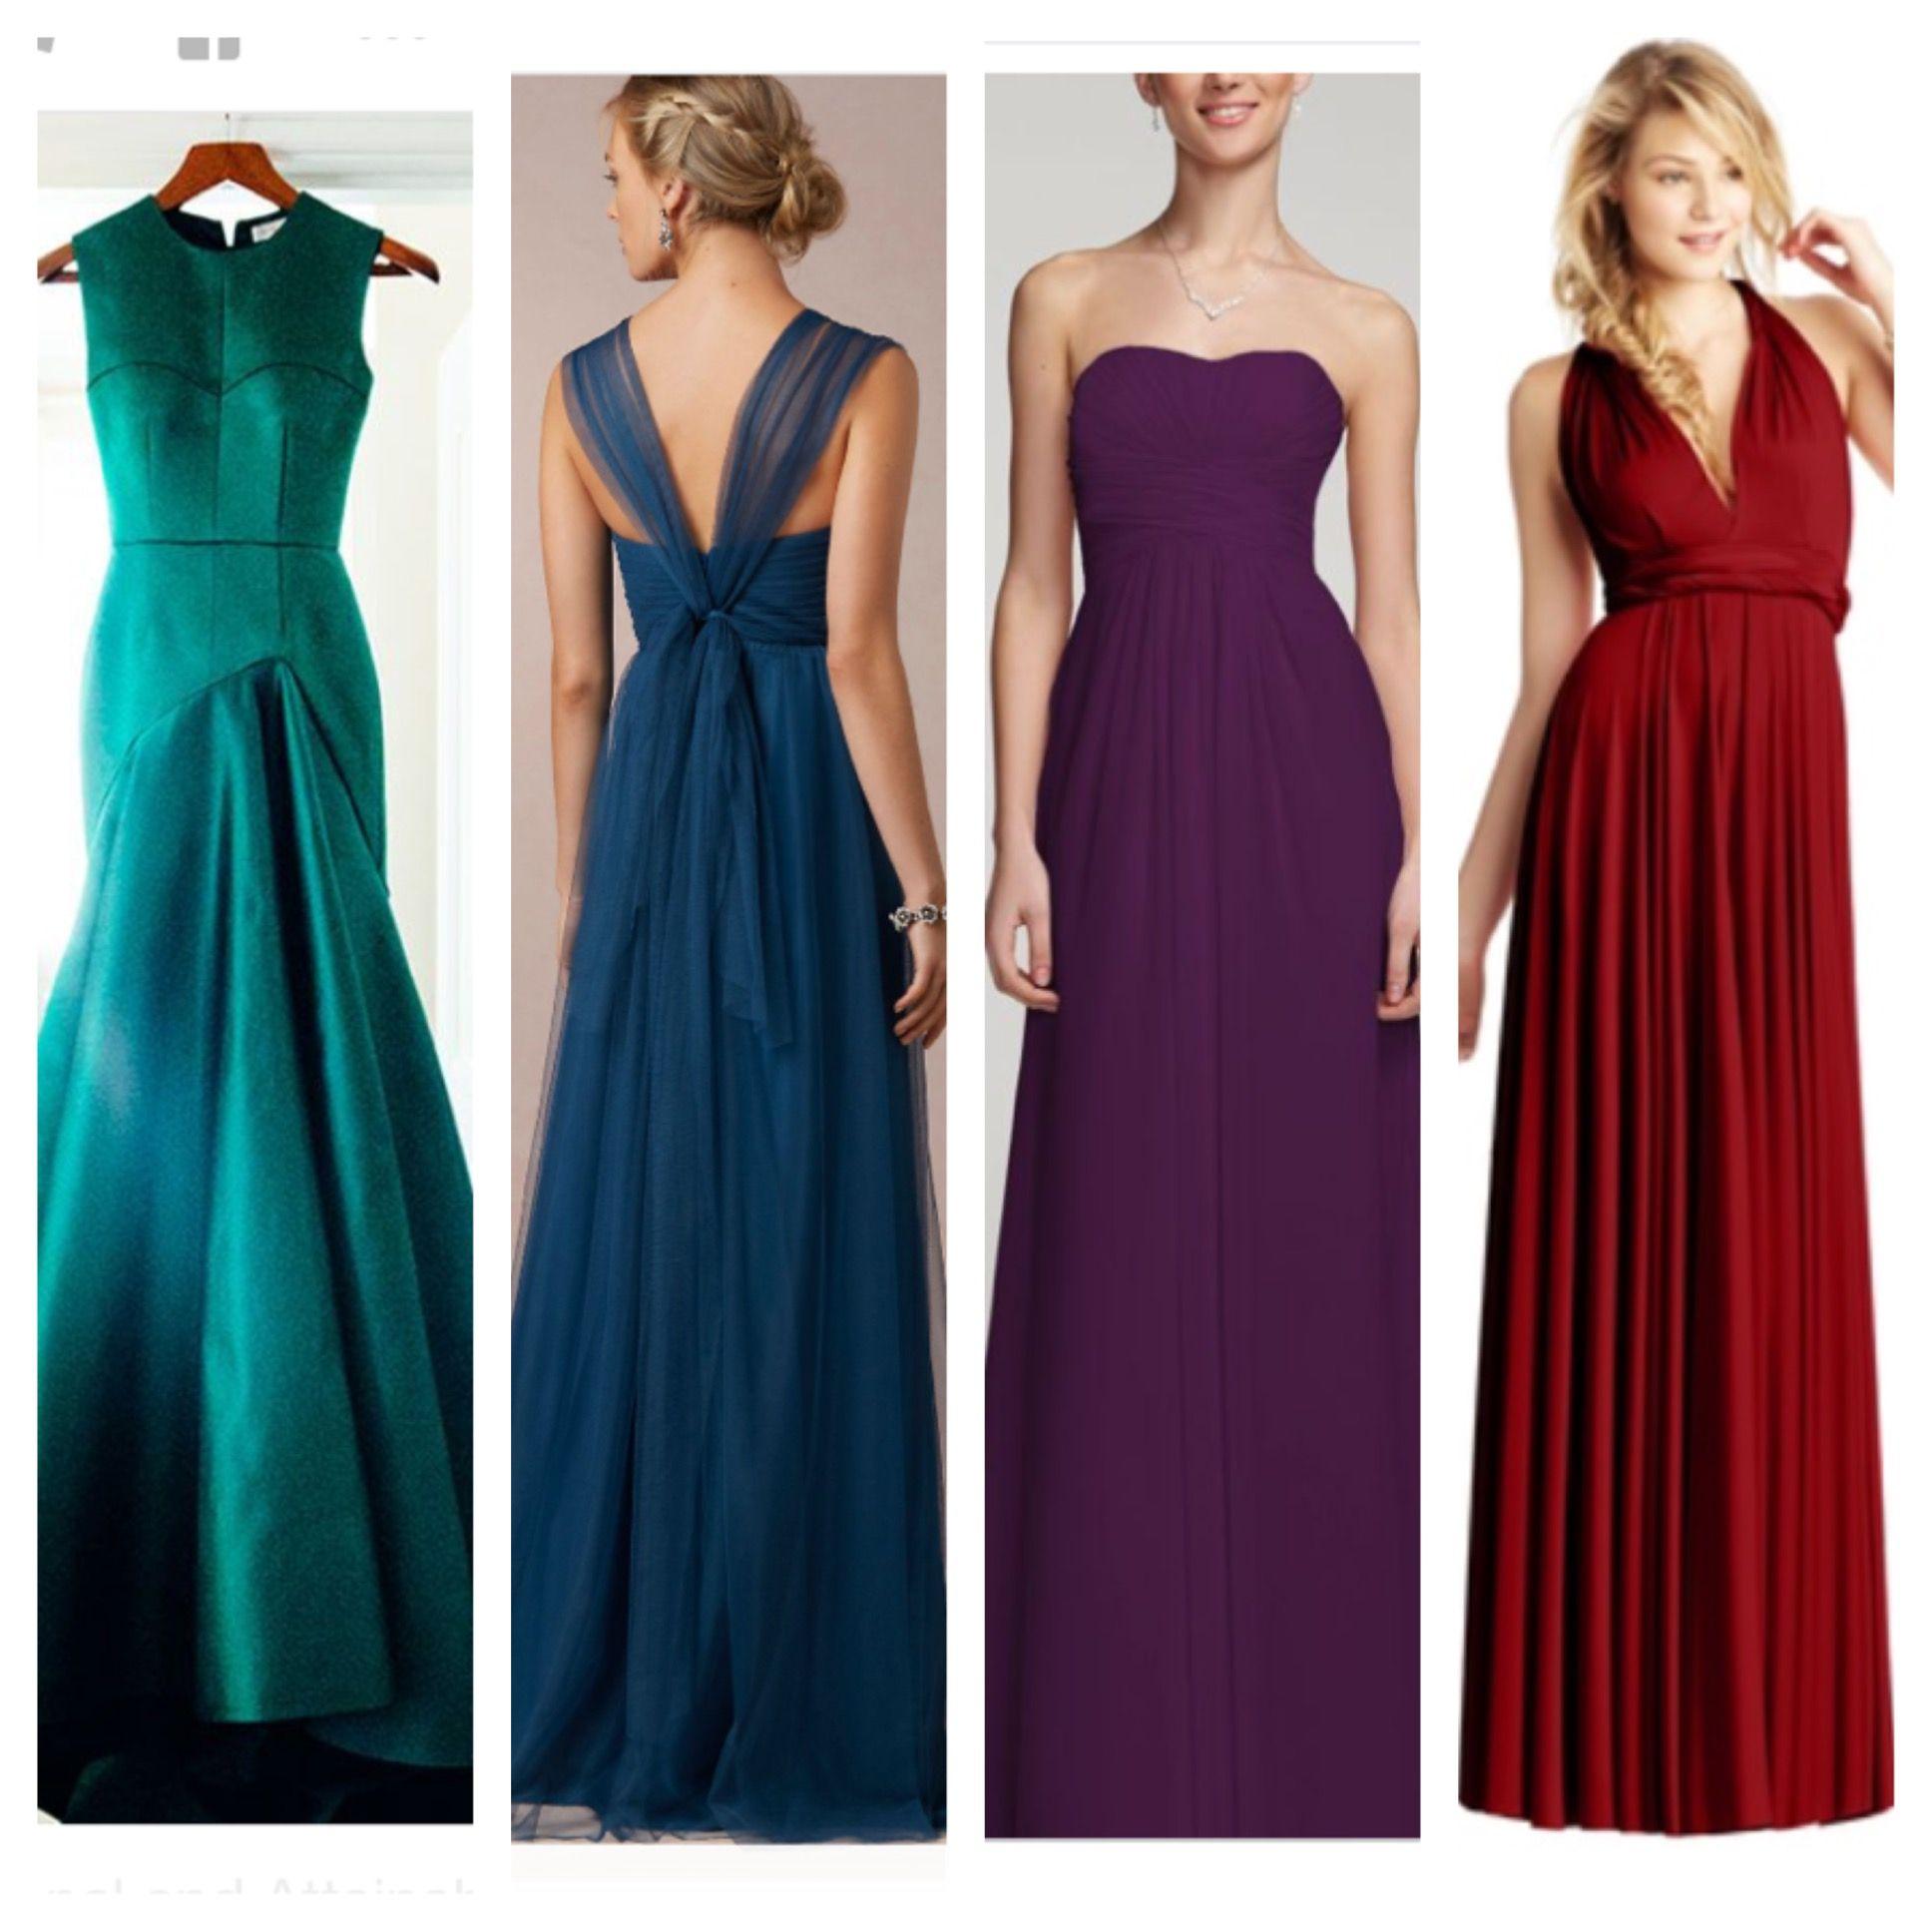 Full length bridesmaid dress colors emerald lapis lazuli plum full length bridesmaid dress colors emerald lapis lazuli plum ombrellifo Images